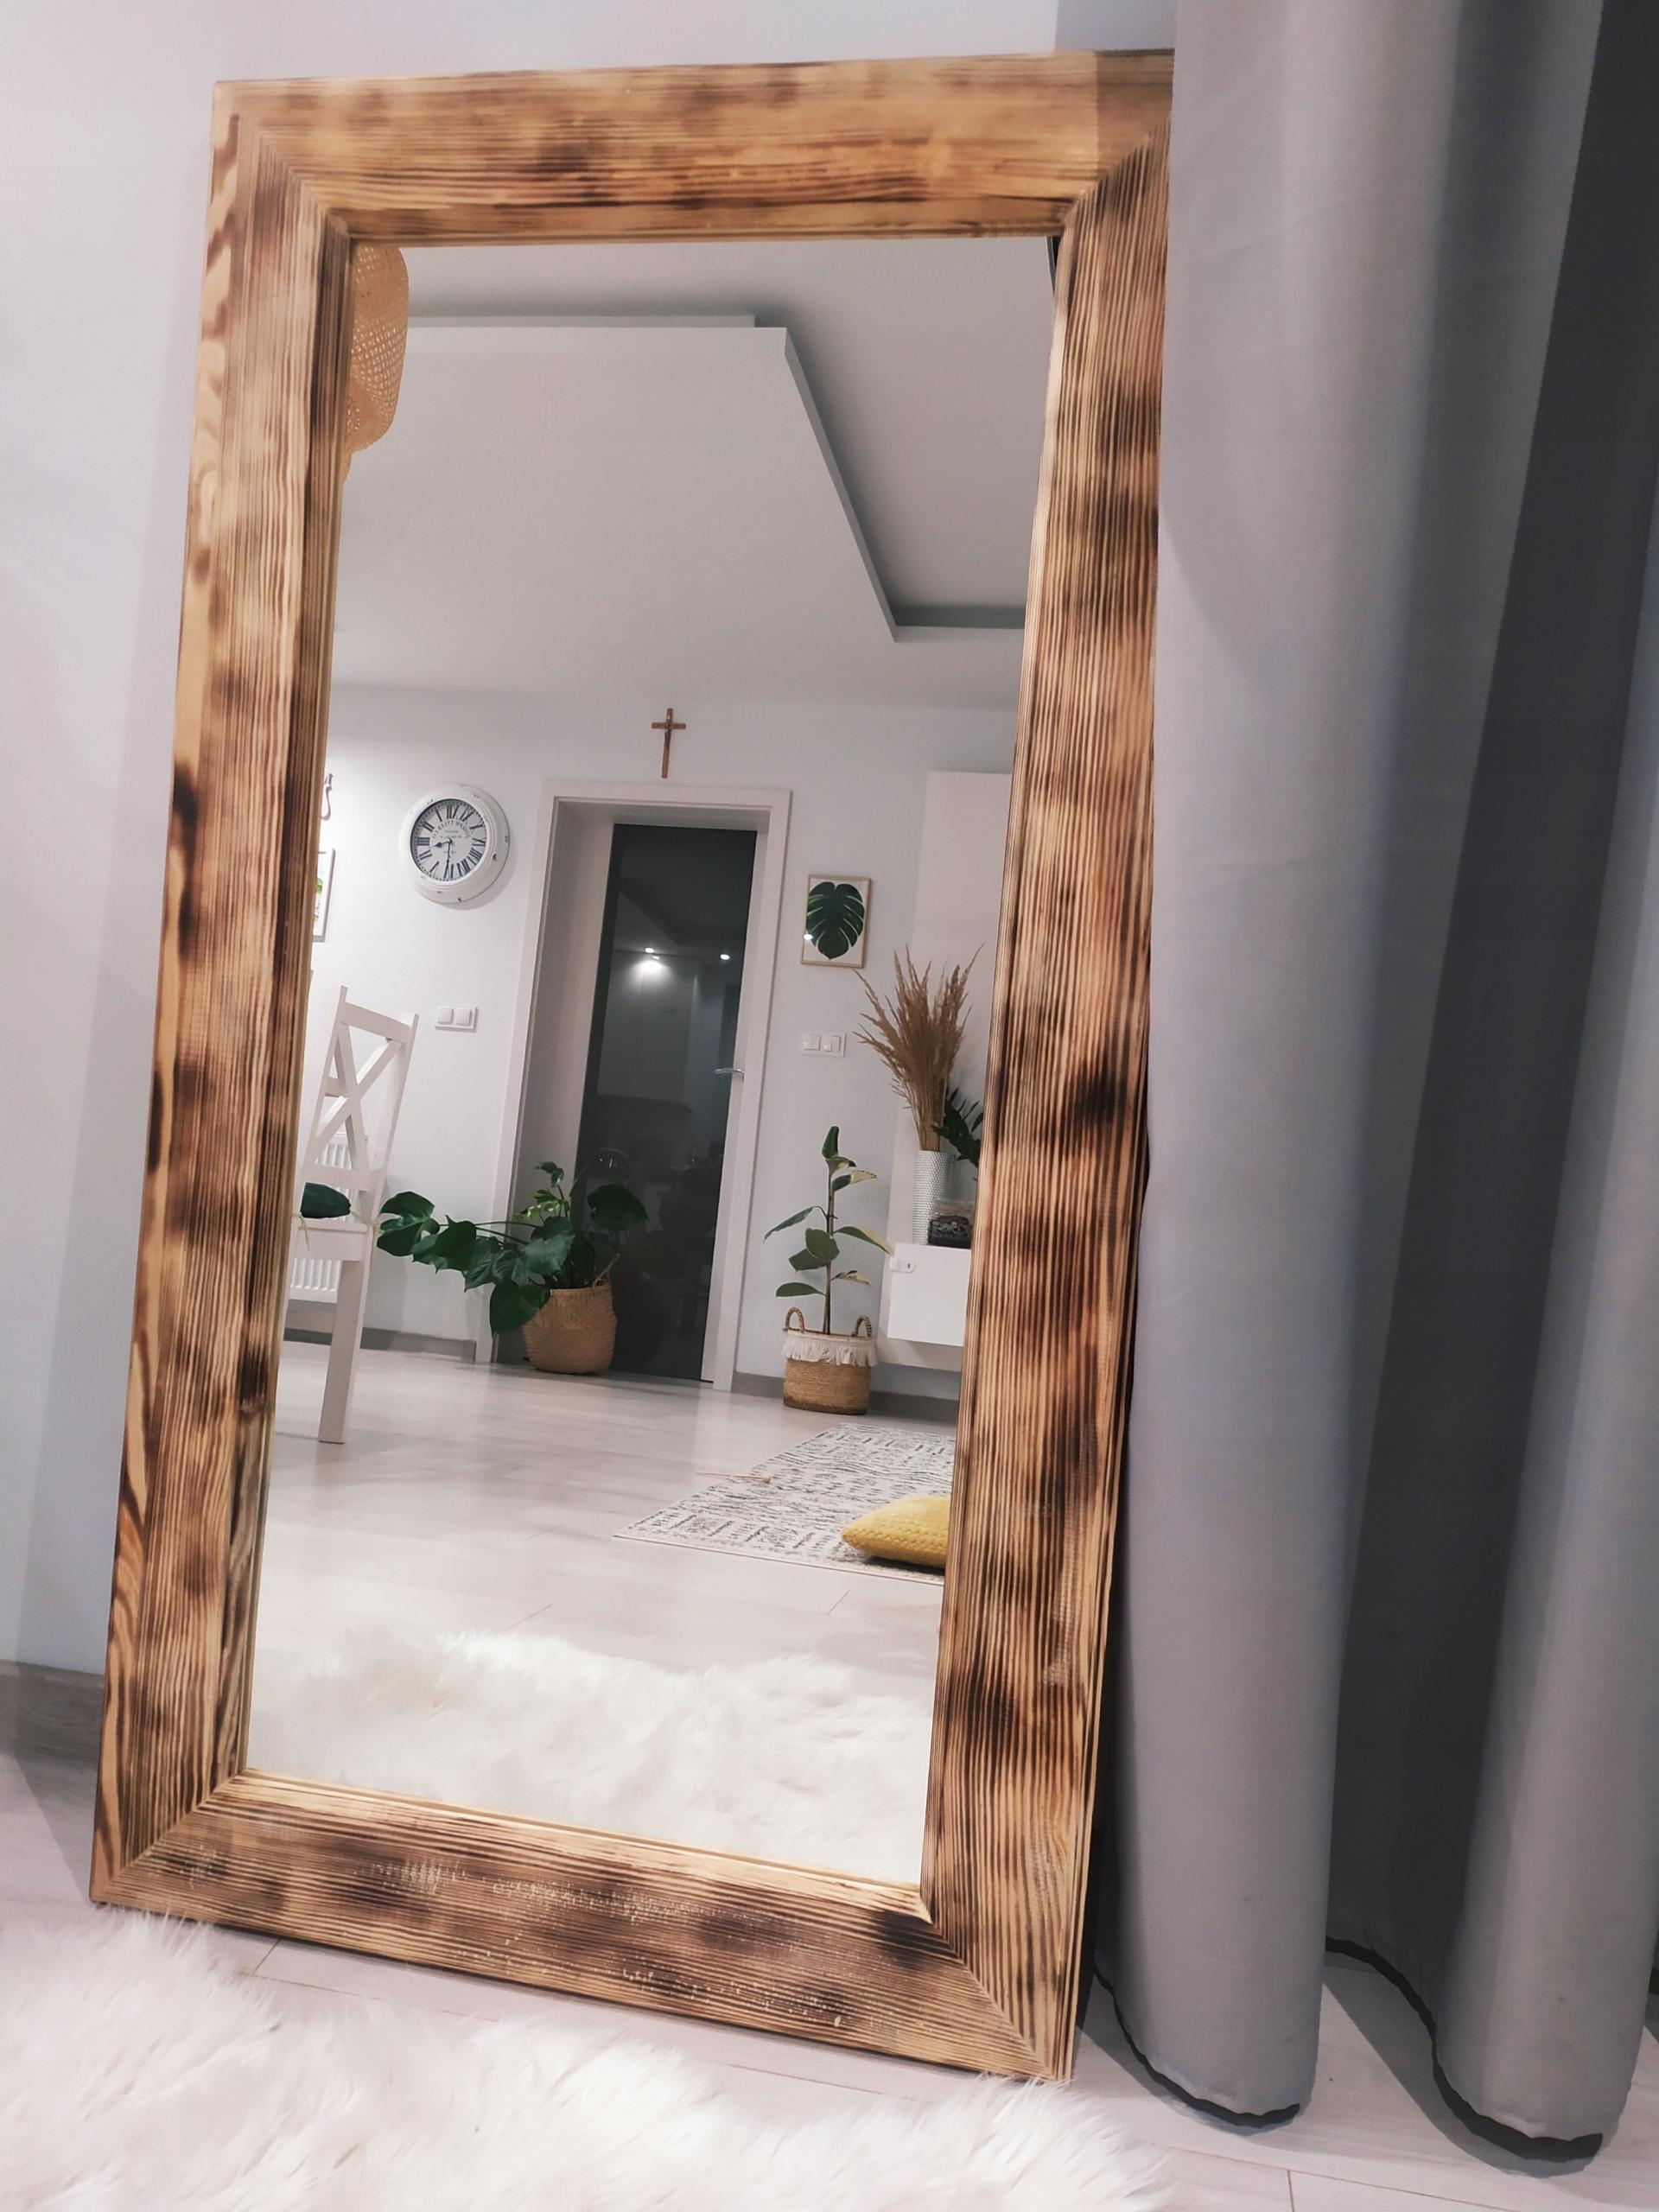 Veľké zrkadlo v hrubom drevenom retro ráme 65x120